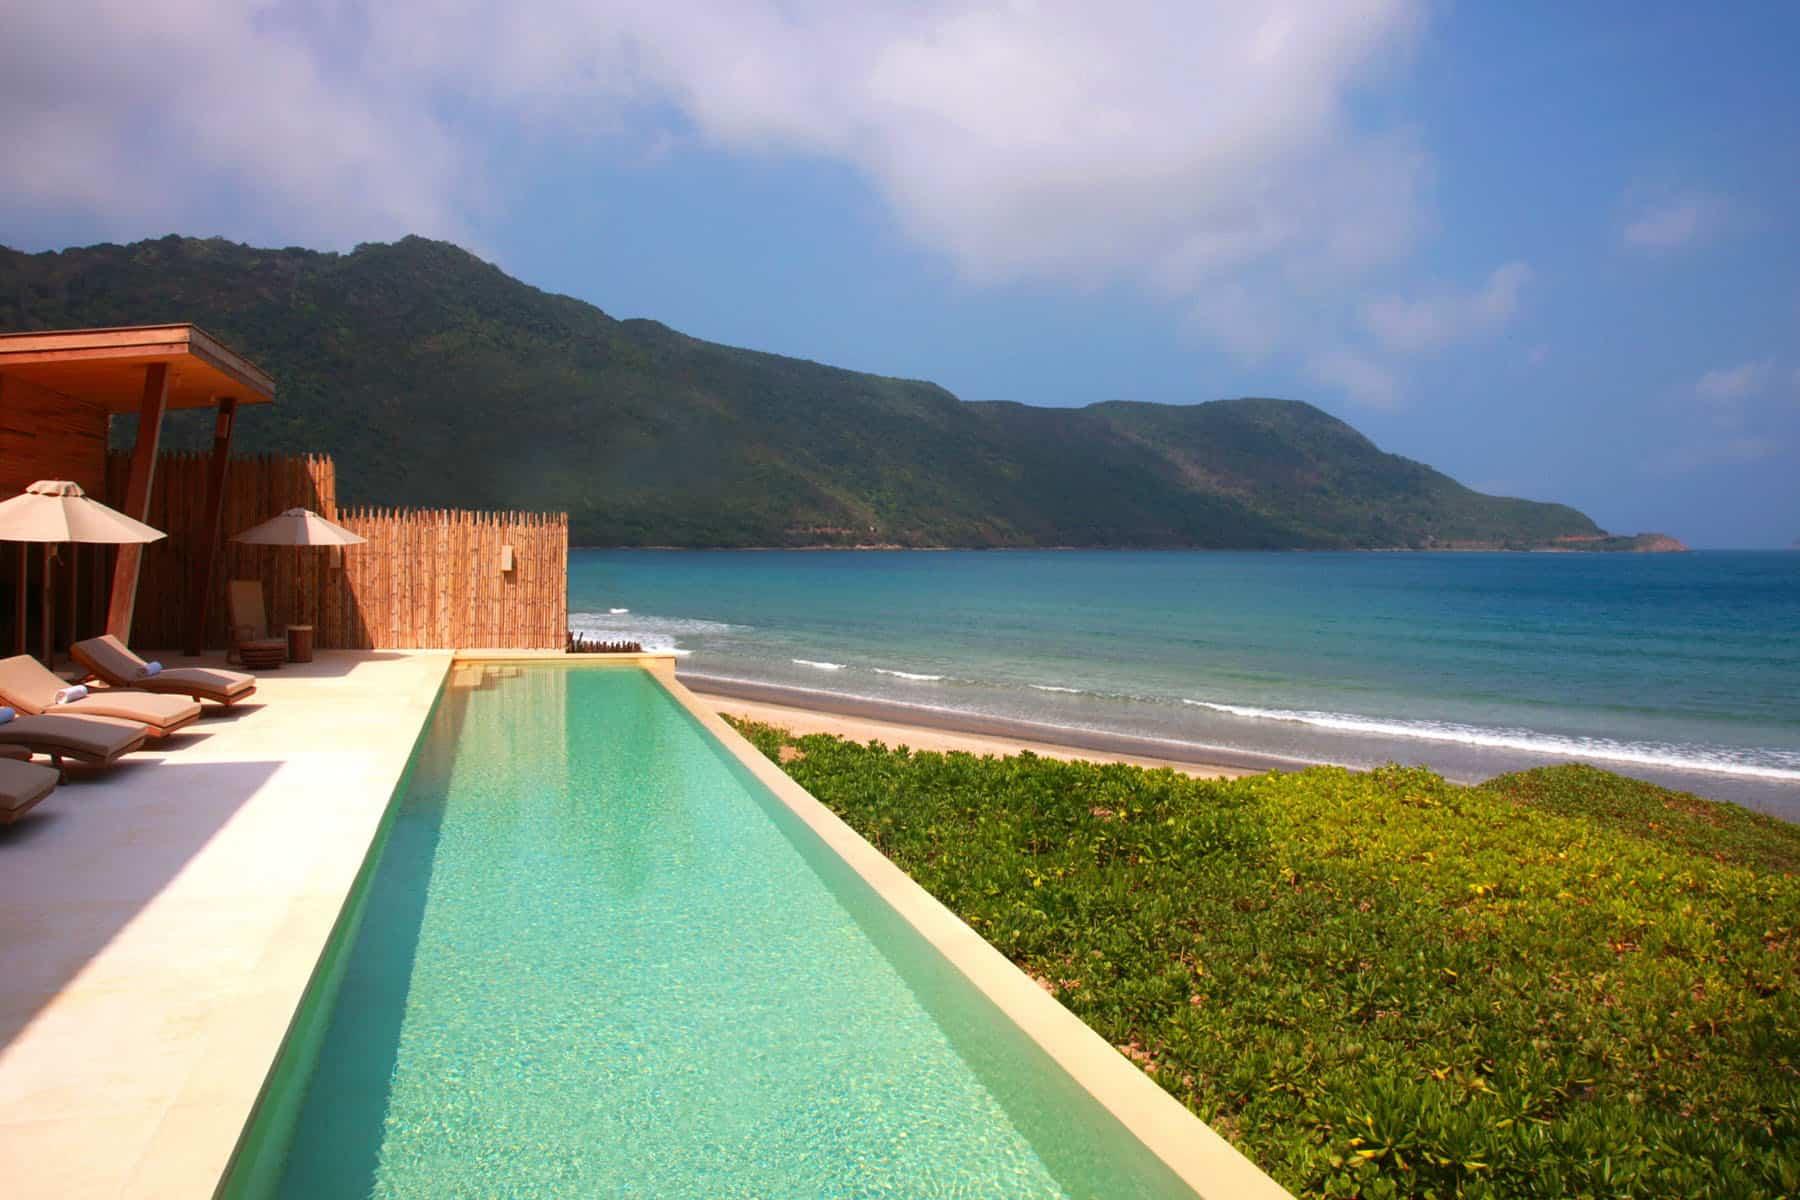 https://i0.wp.com/o.homedsgn.com/wp-content/uploads/2012/05/Six-Senses-Con-Dao-Resort-08.jpg